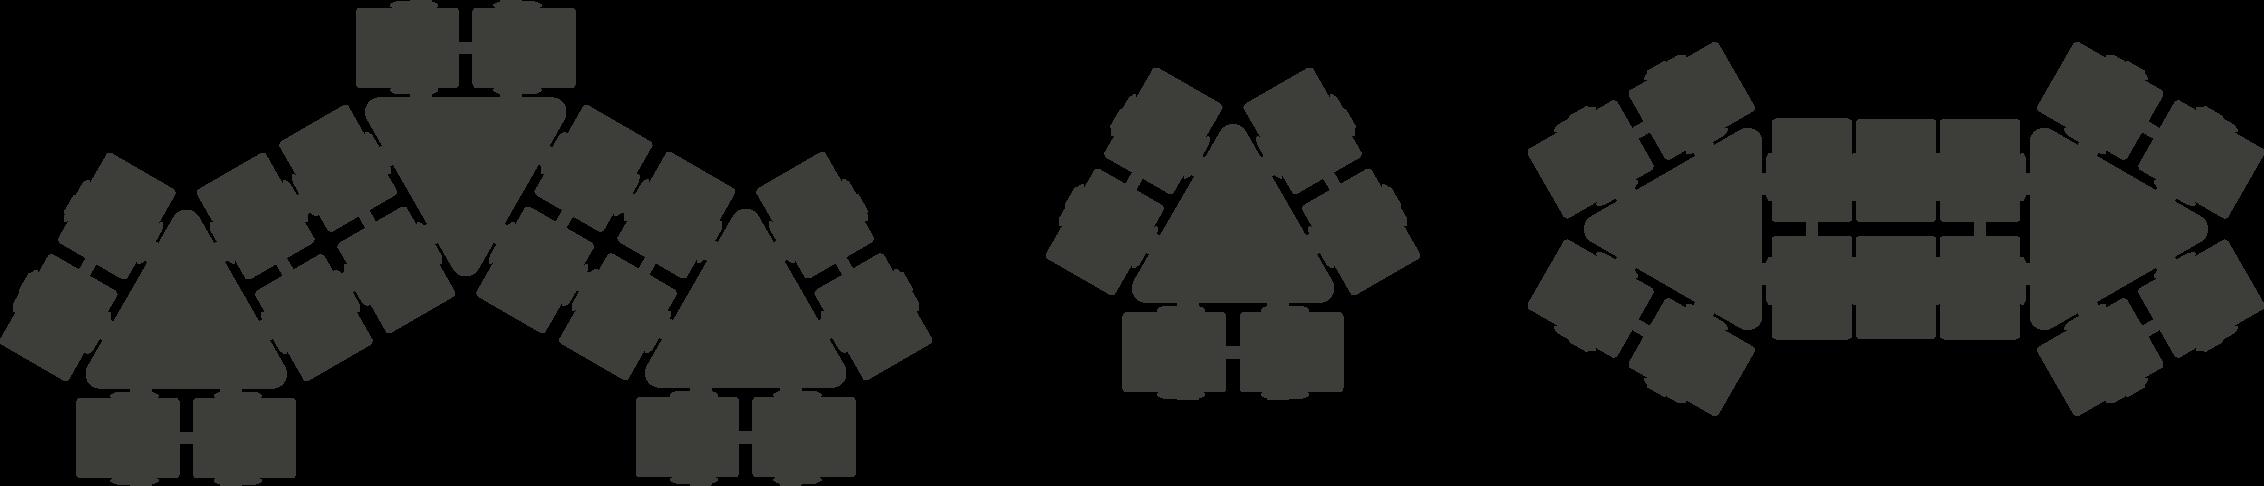 trax hub diagram width dimensions